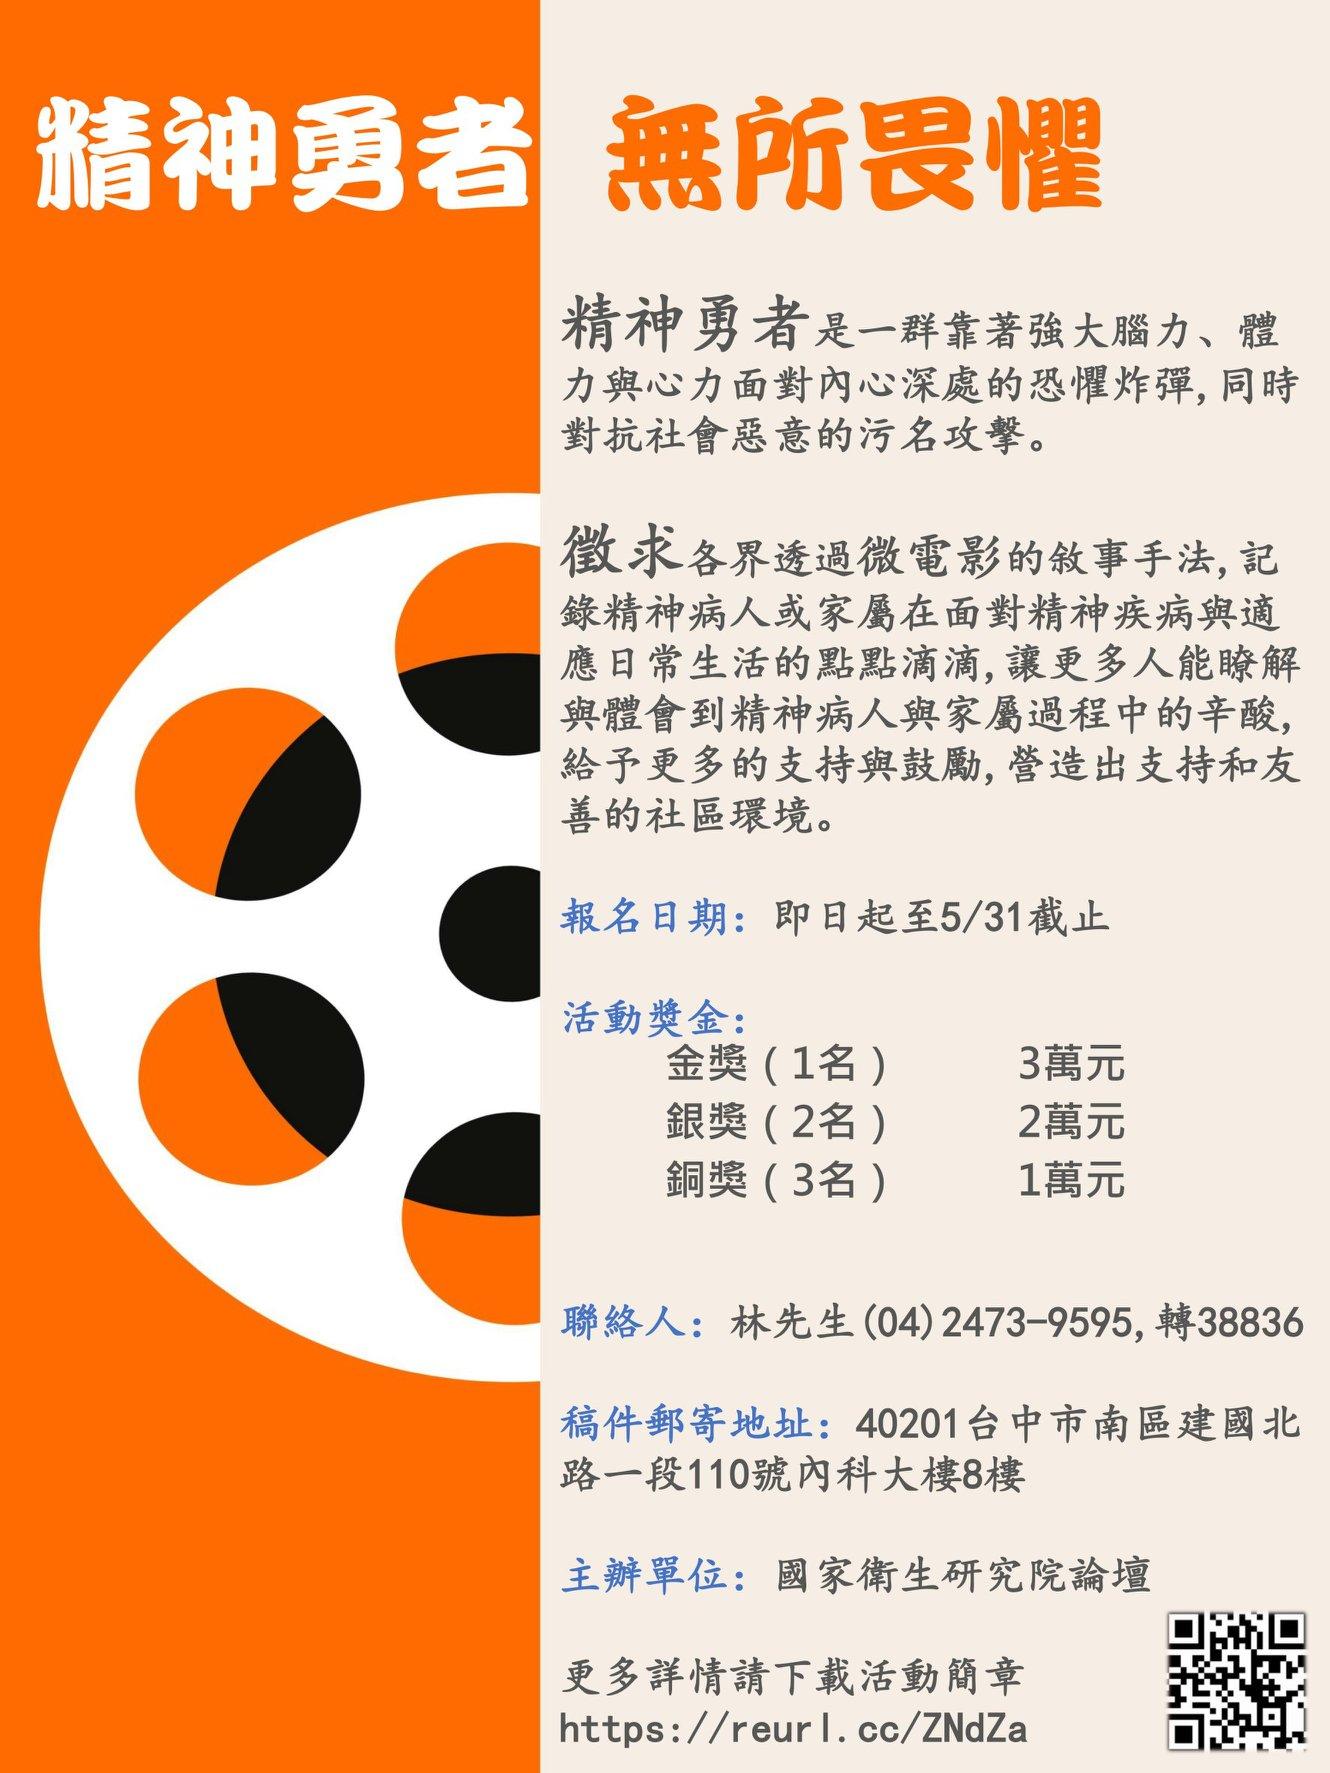 國衛院論壇「精神勇者,無所畏懼」微電影徵選